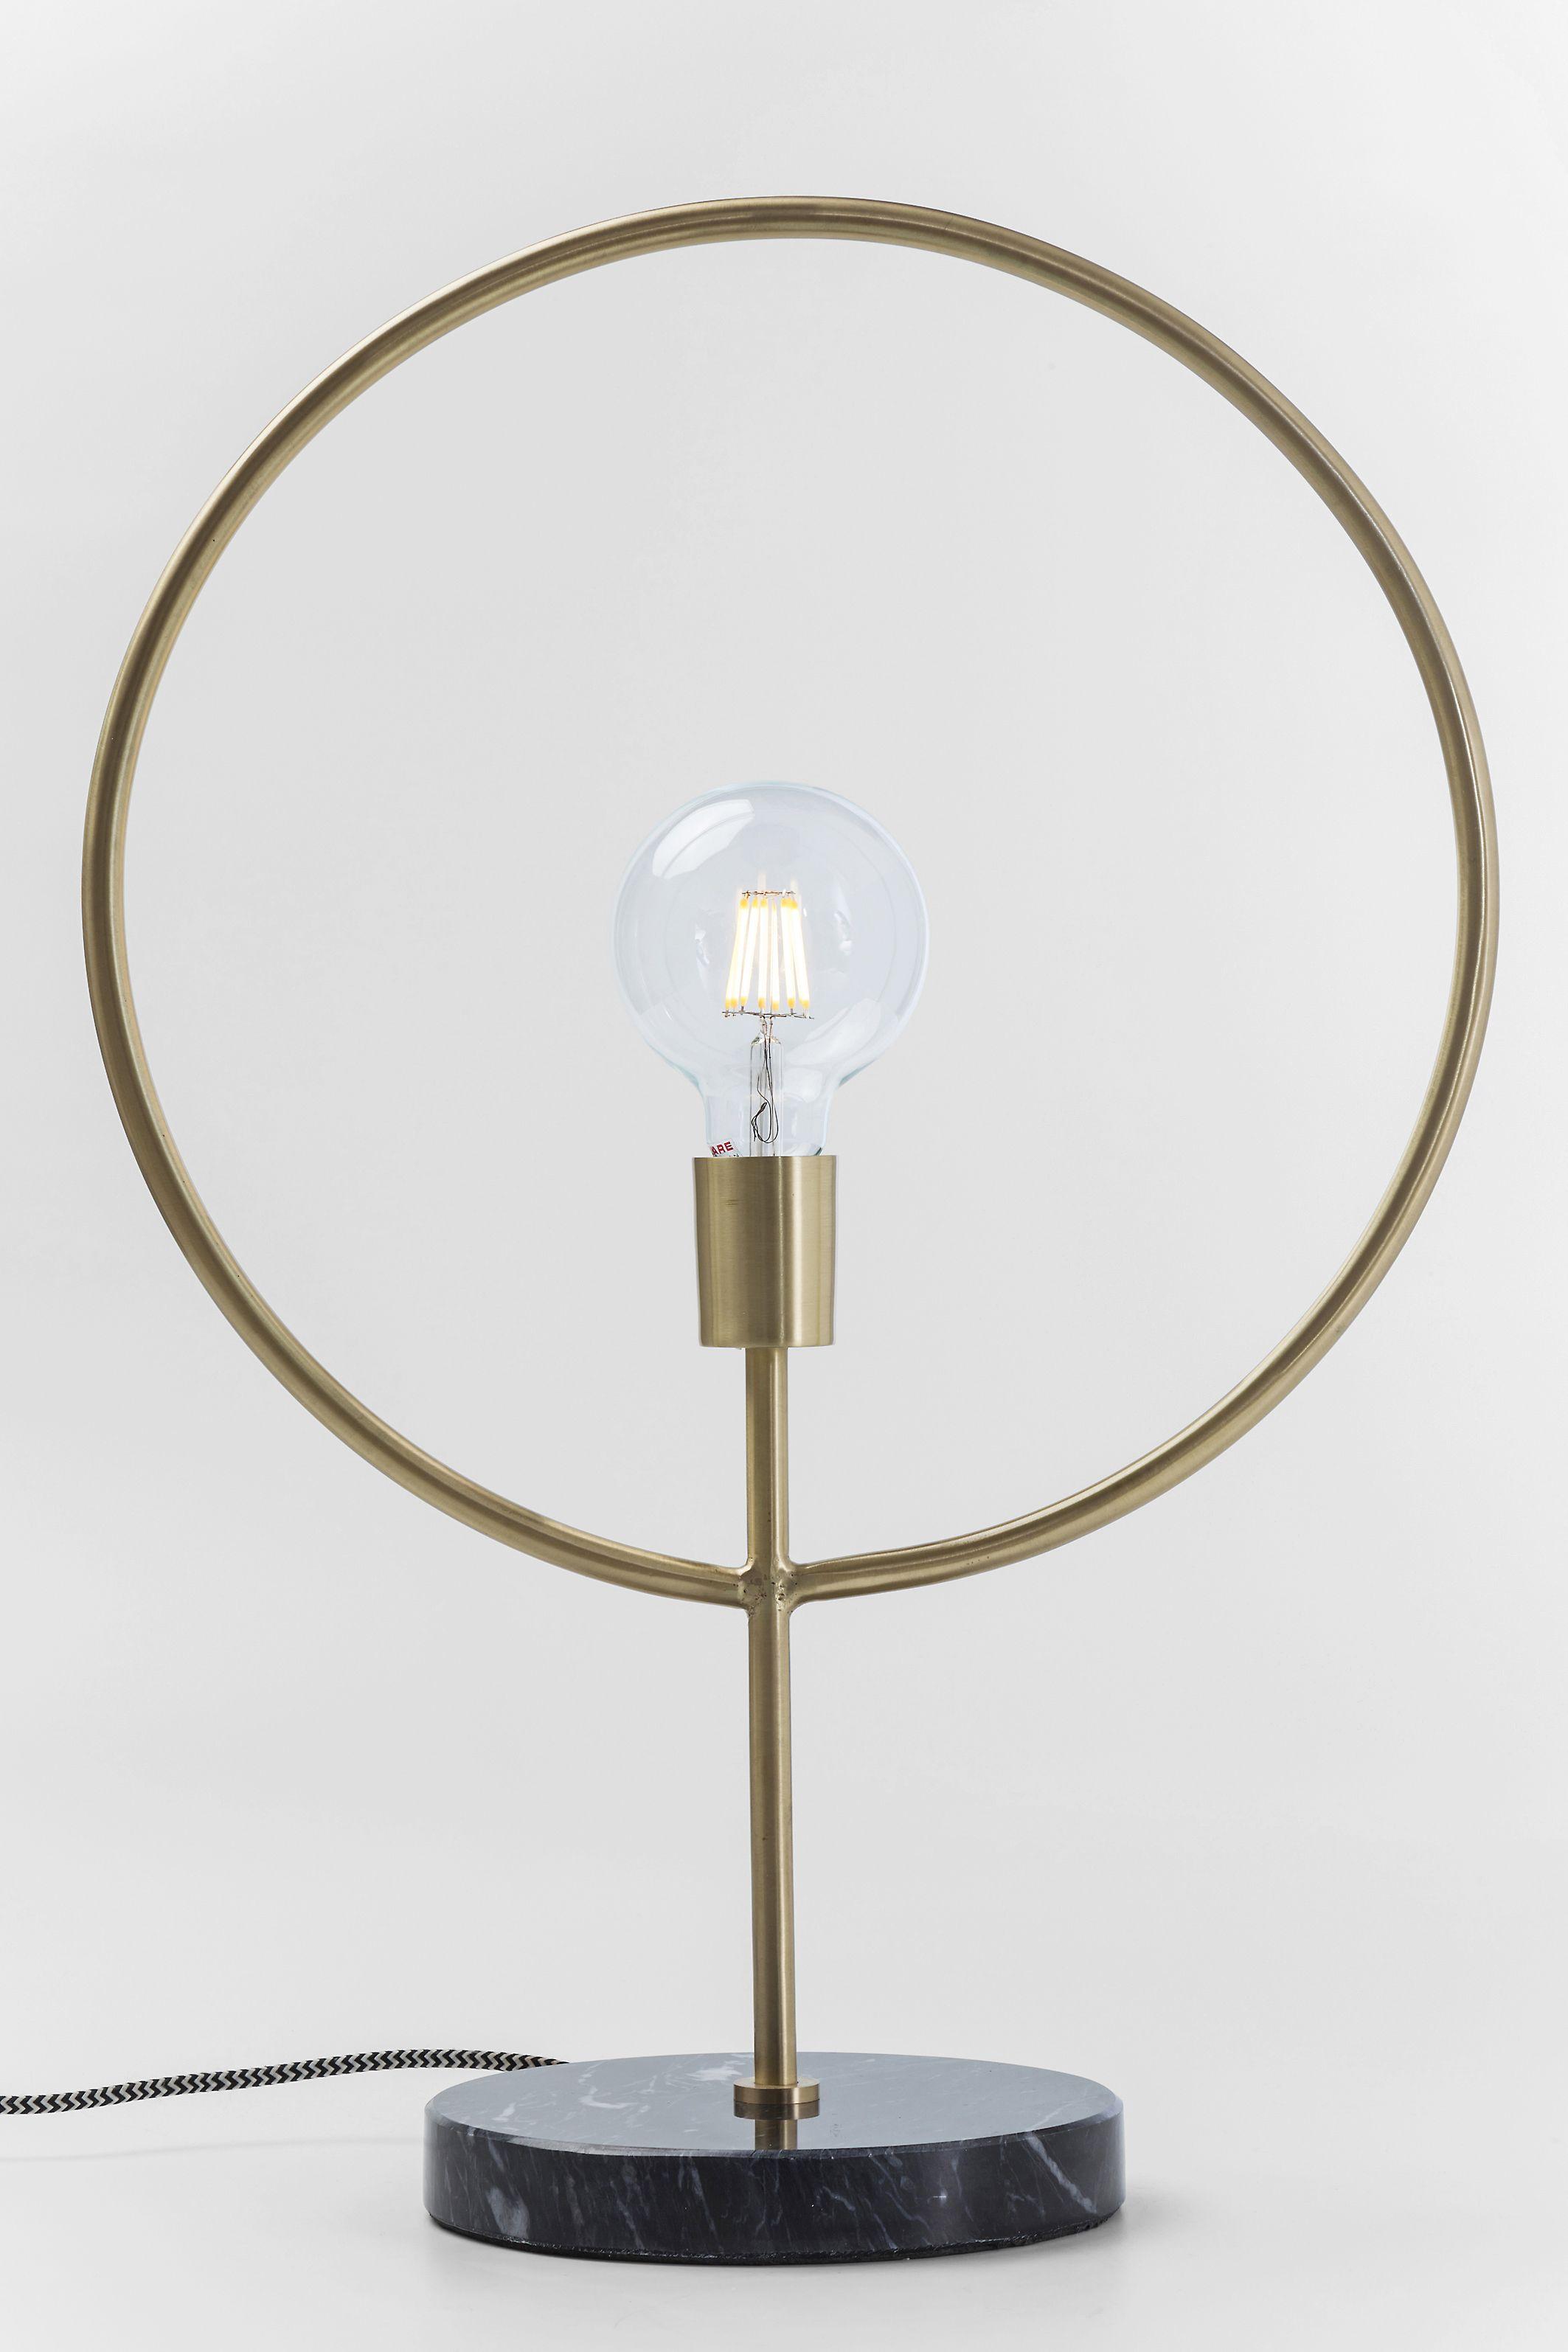 Unglaublich Moderne Tischlampen Ideen Von Tischlampe: Kreis Mit Format. Minimalistisches Design Mit